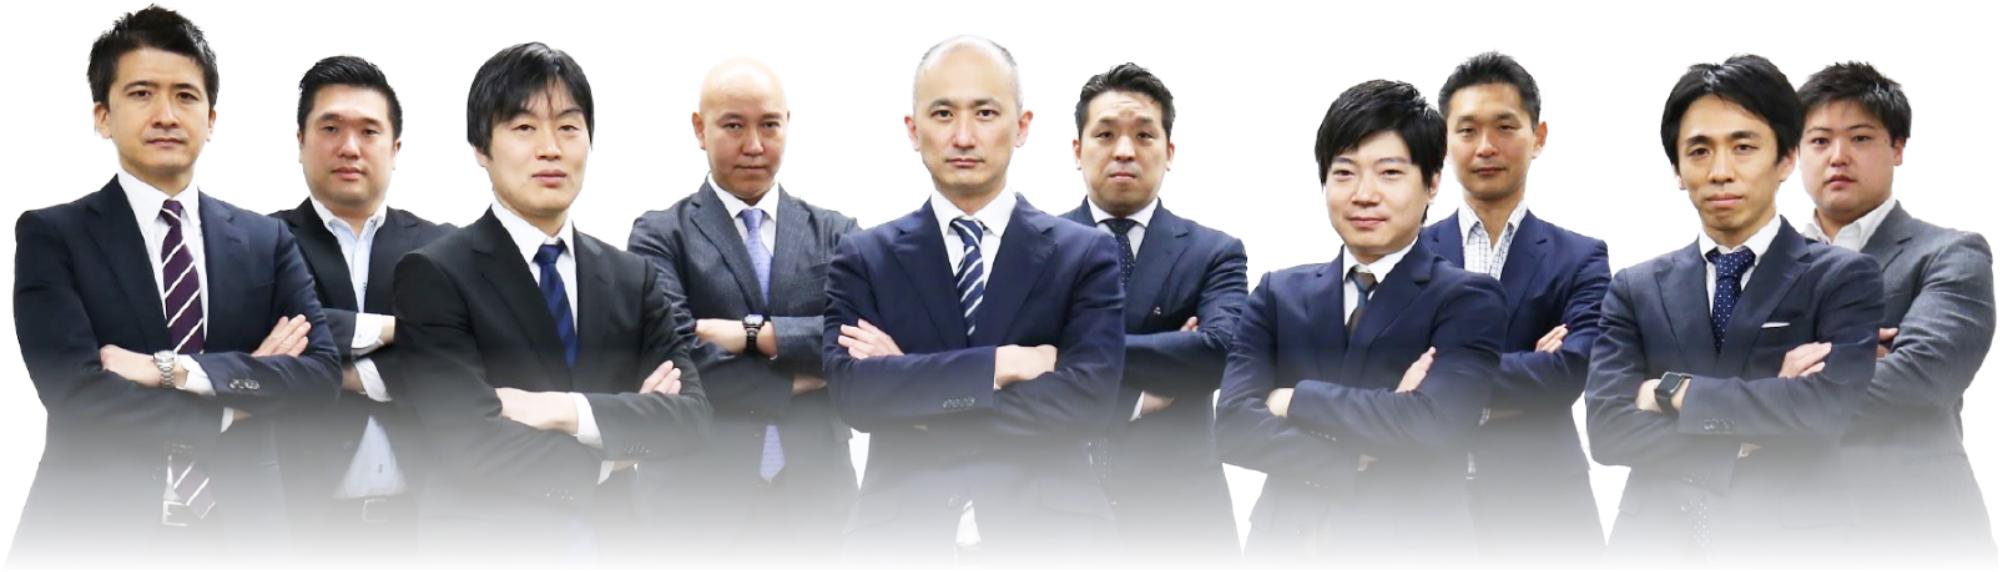 古田土会計グループが誇るトップ未来会計コンサルタント